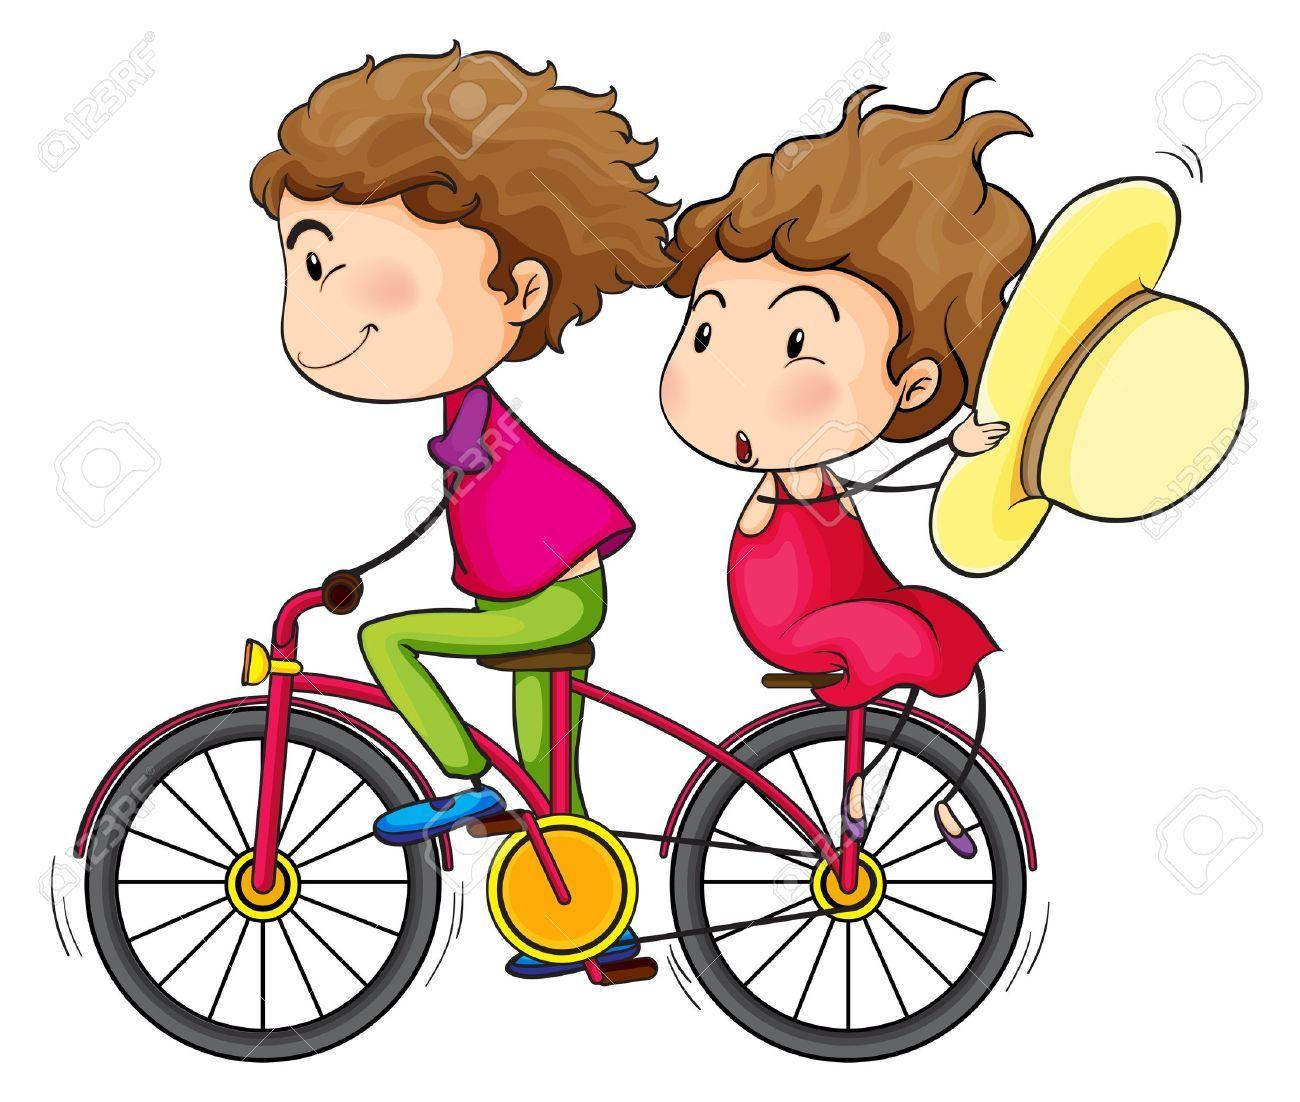 Resultado De Imagen De Corredor De Bici Nino Ninos Caricaturas Bicicletas